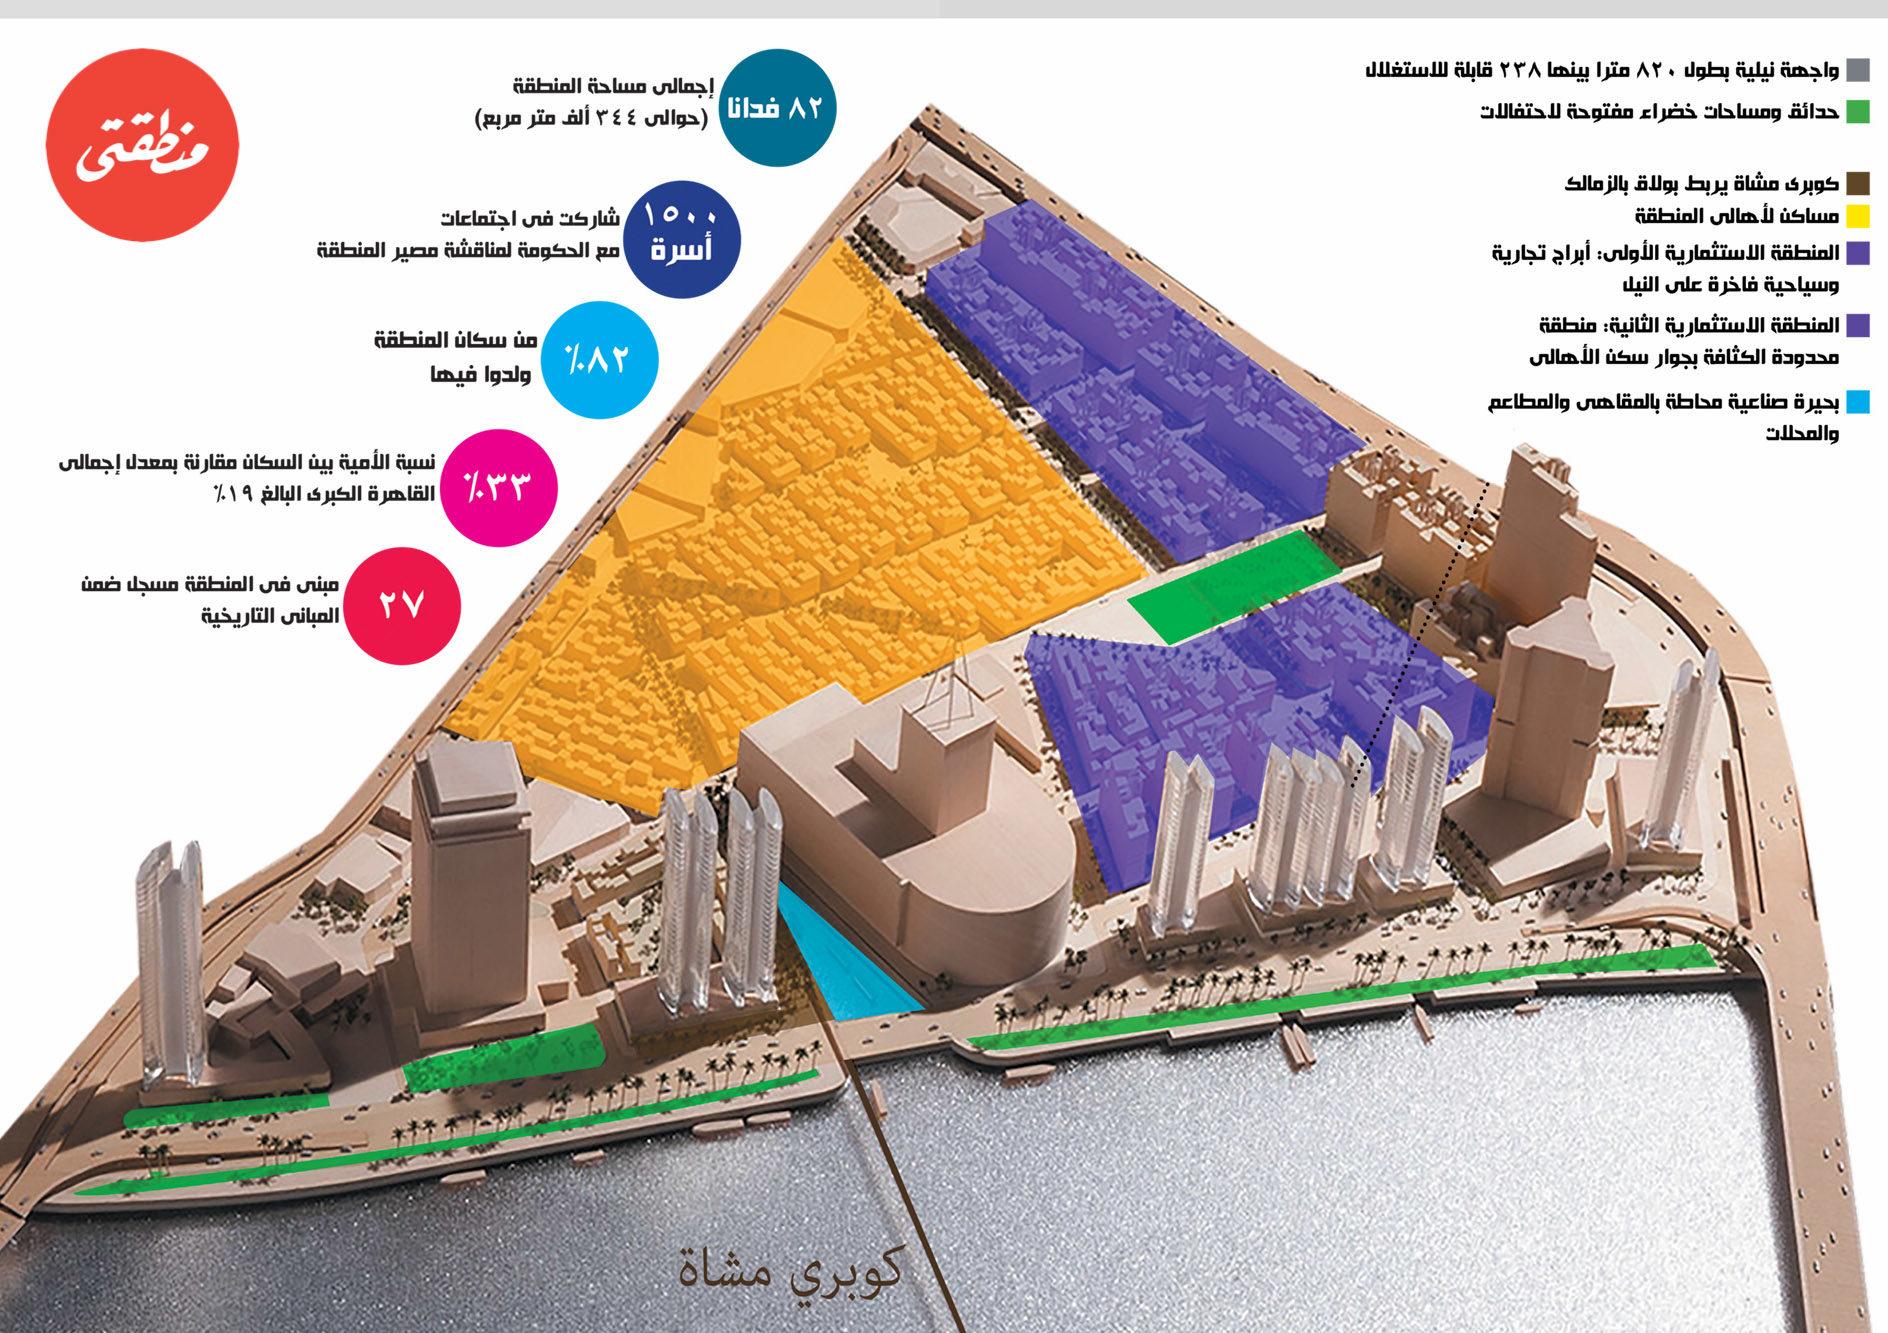 انفوجرافيك لمخطط فوستر نشرته جريدة منطقتي في العدد 29 بتاريخ مارس 2016 - تصميم صديق البخشونجي